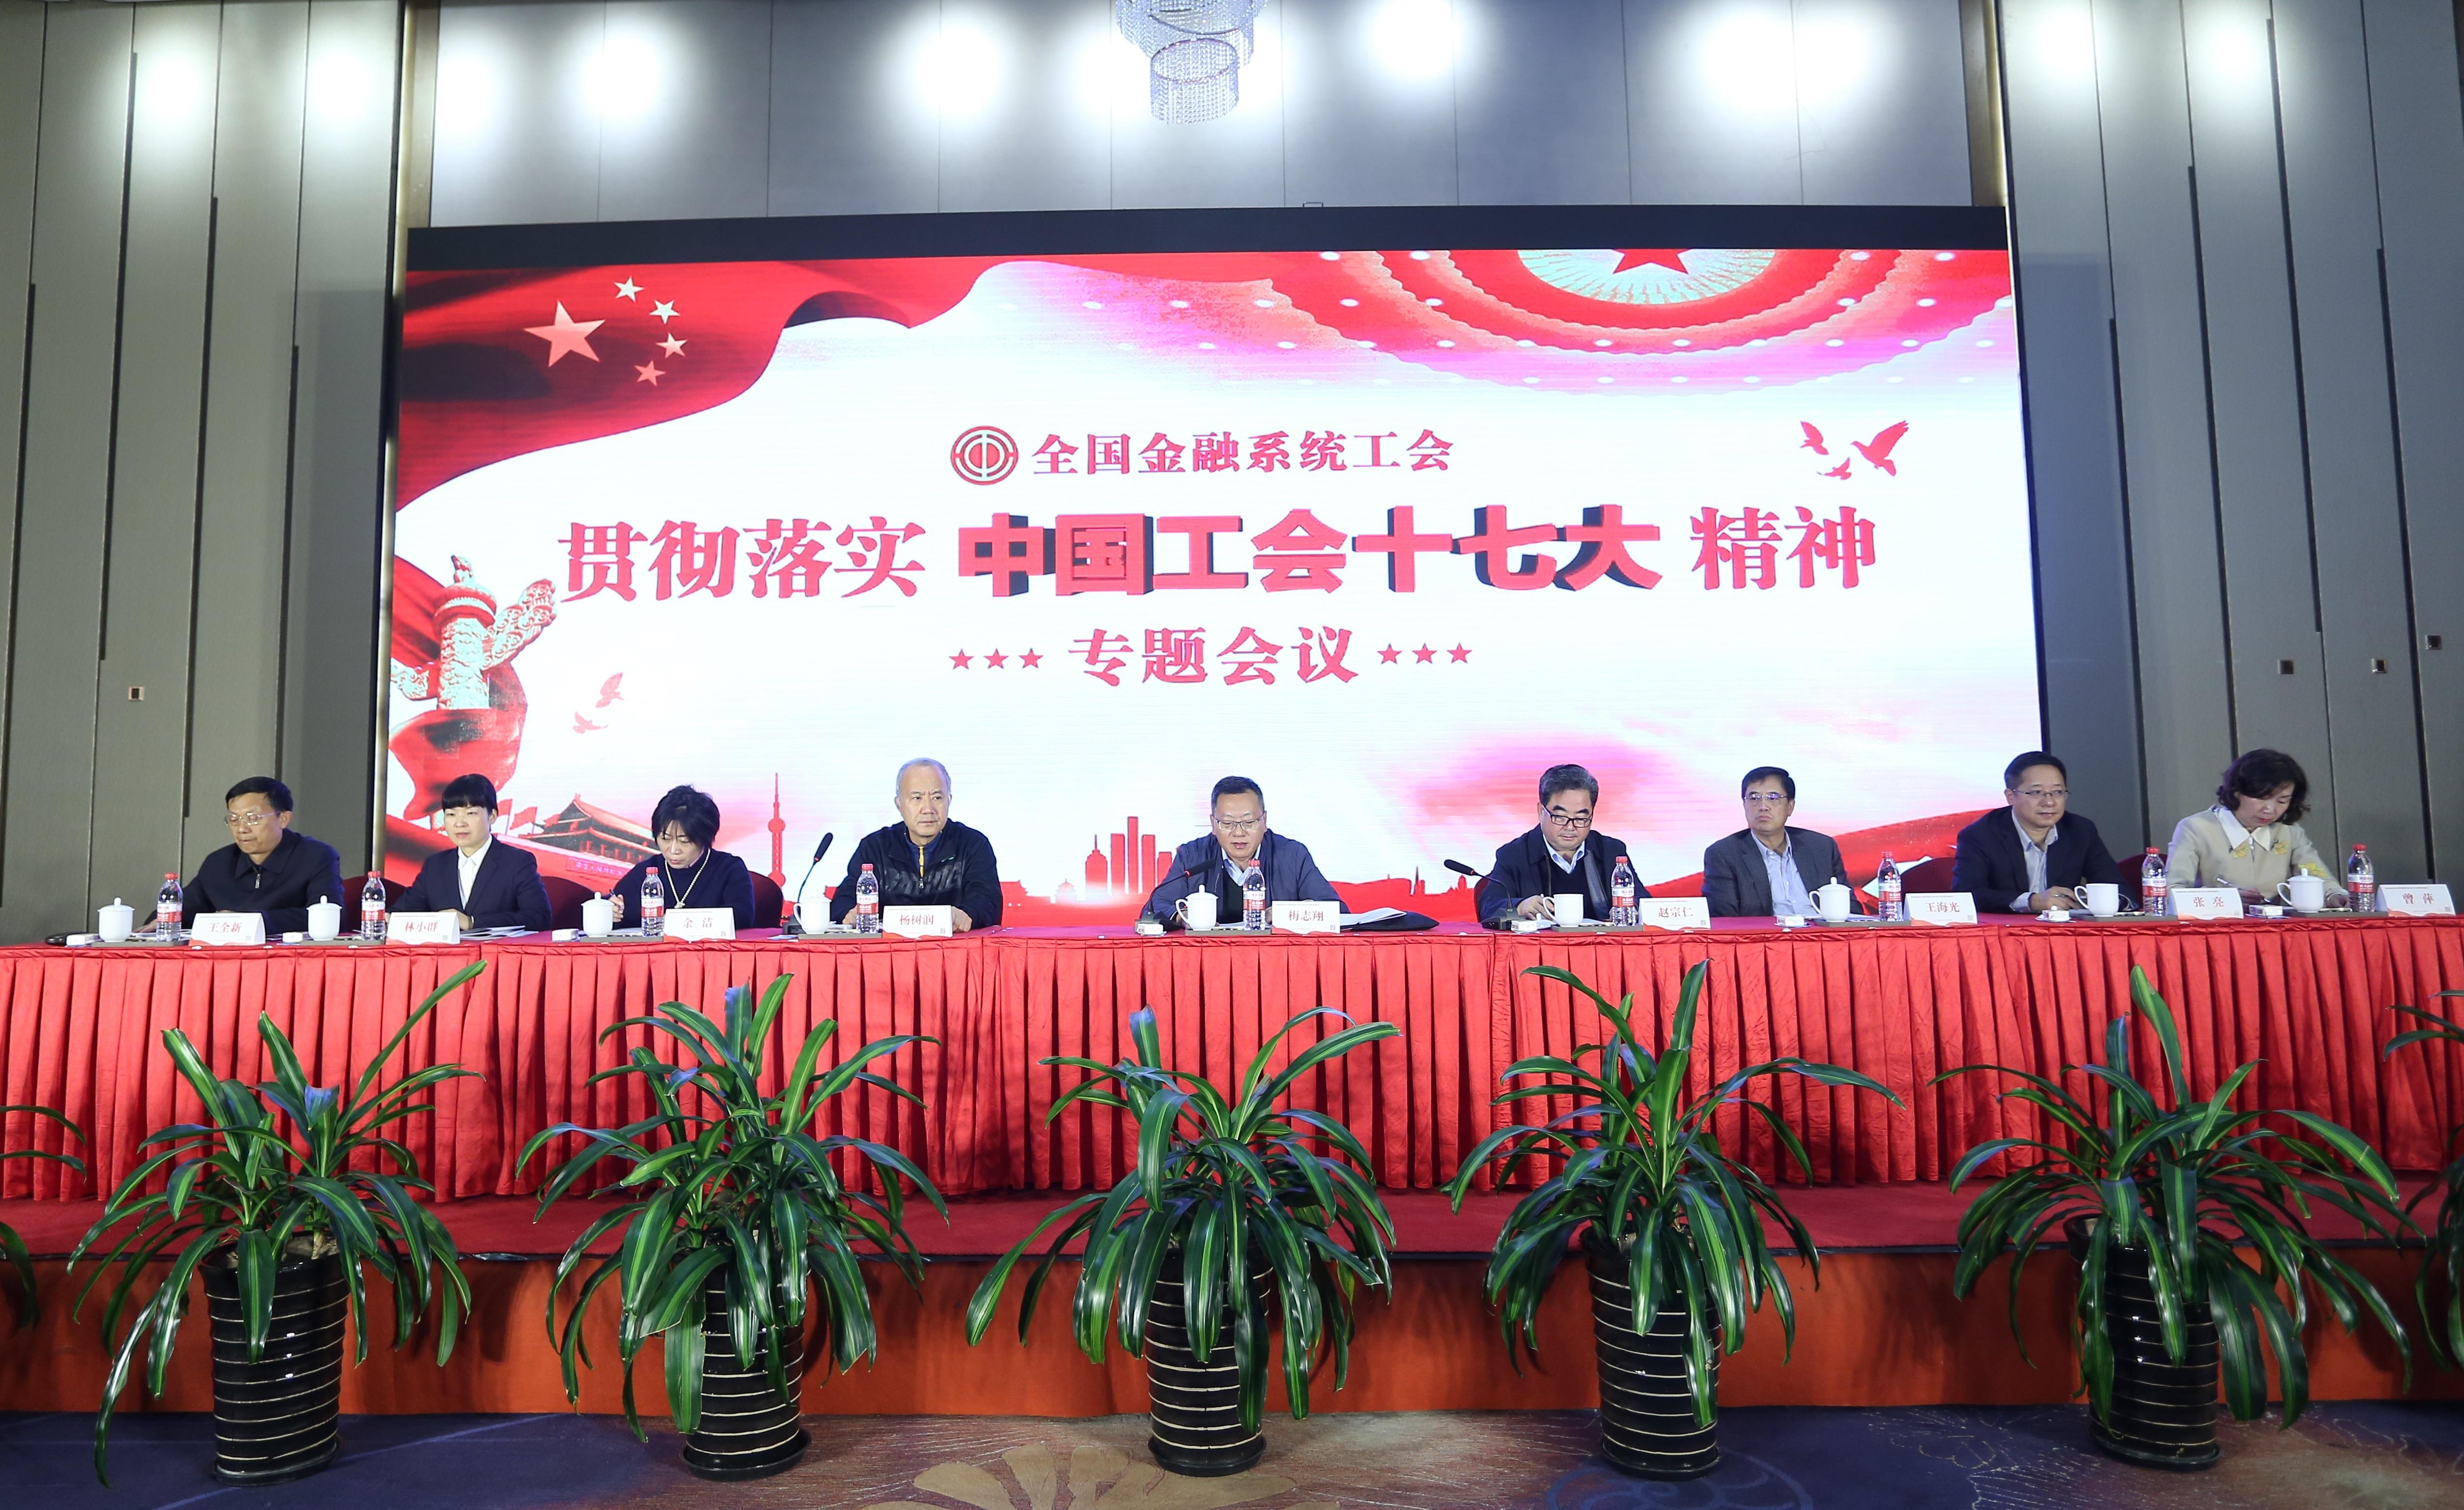 全国金融系统工会贯彻落实中国工会十七大精神专题会议在京召开